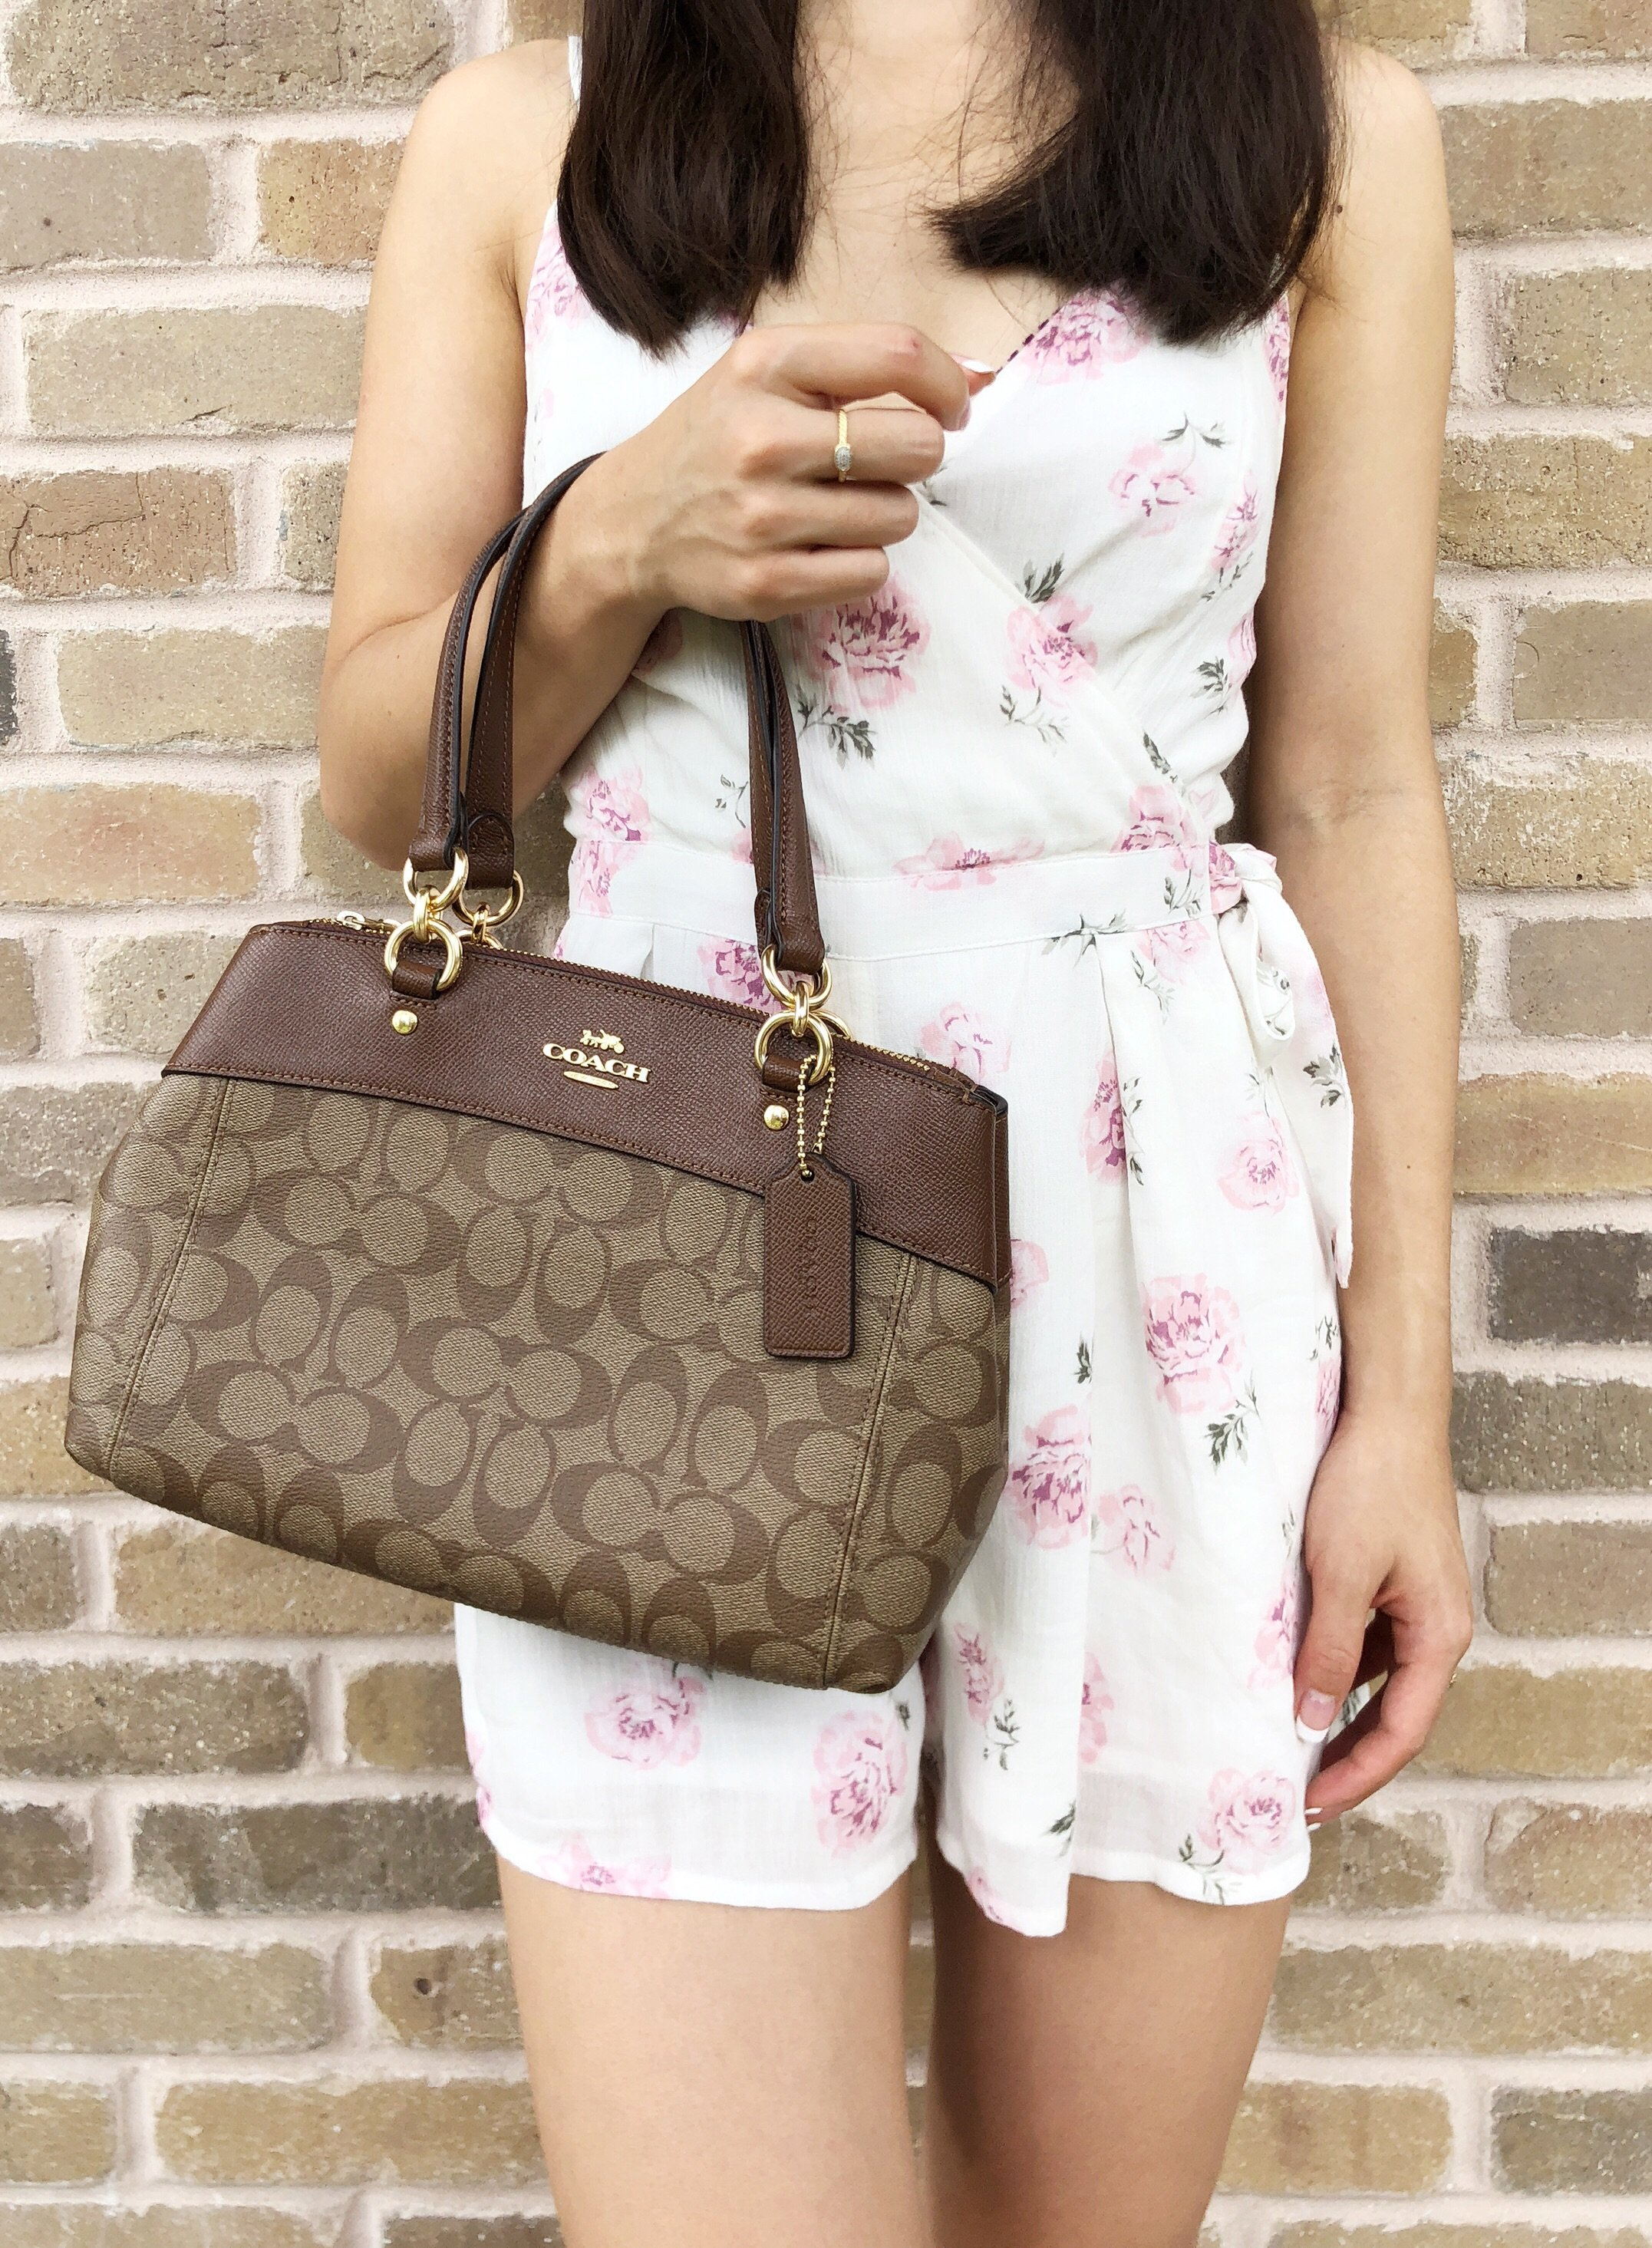 0a6f2b9b6f67 Coach F26139 Mini Brooke Carryall Satchel Handbag Crossbody Signature Khaki   GabysBags  Handbags